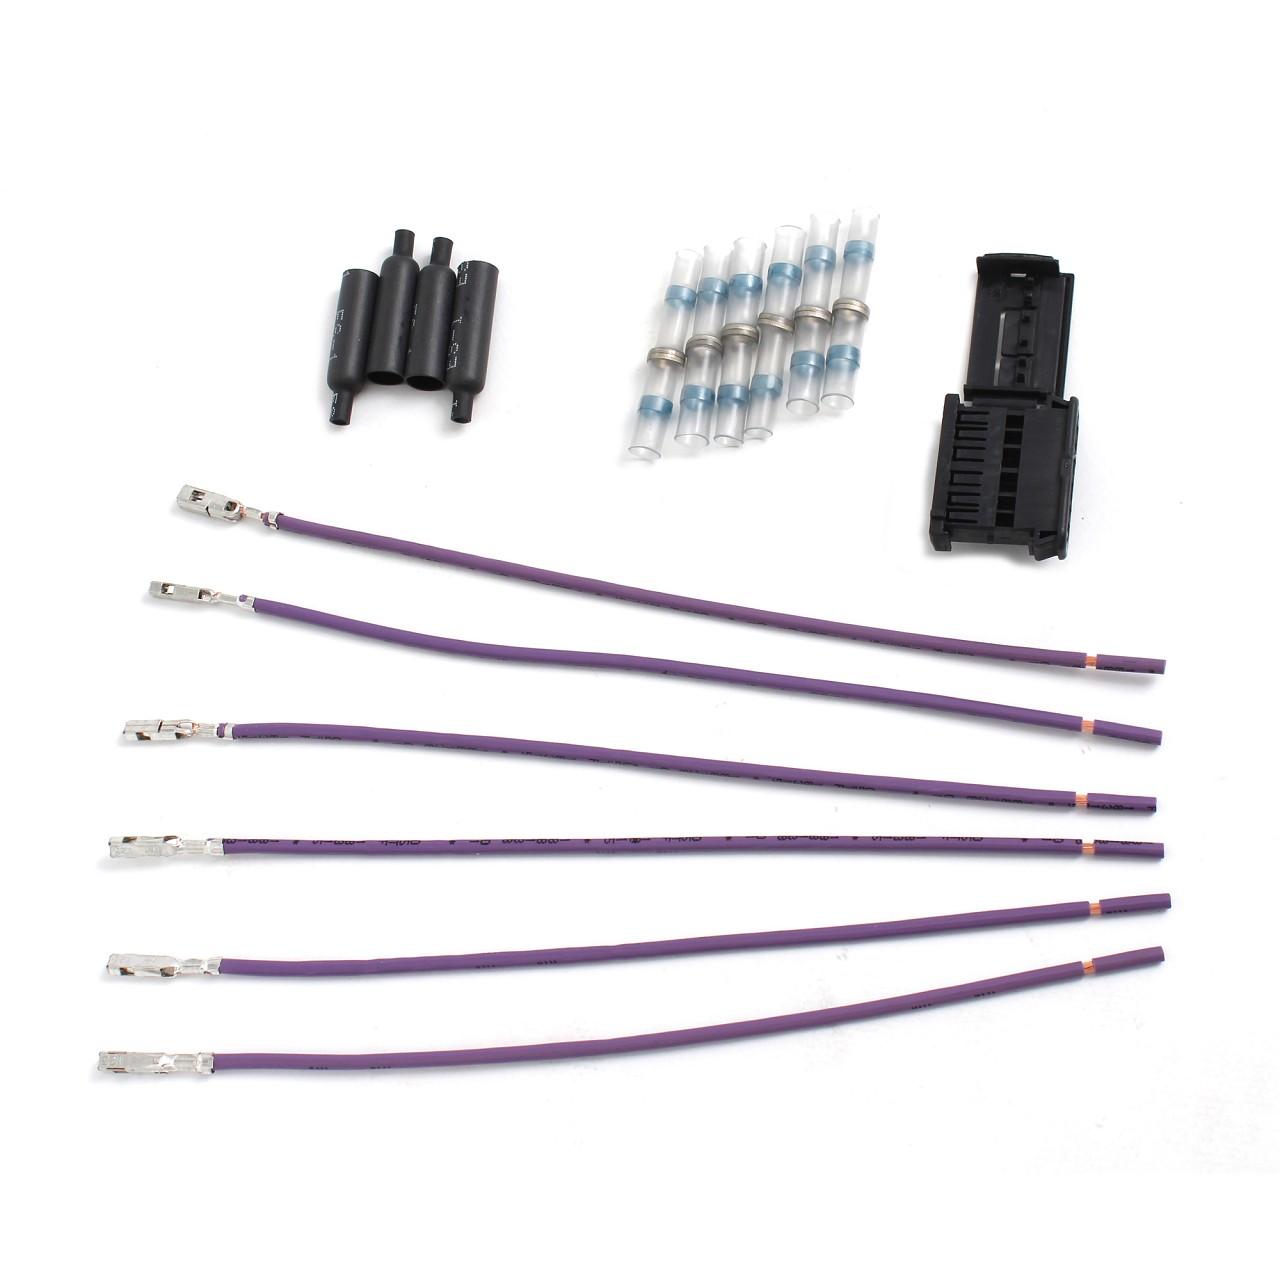 ORIGINAL Citroen Peugeot Reparatursatz Kabelsatz Rückleuchten 1606248780